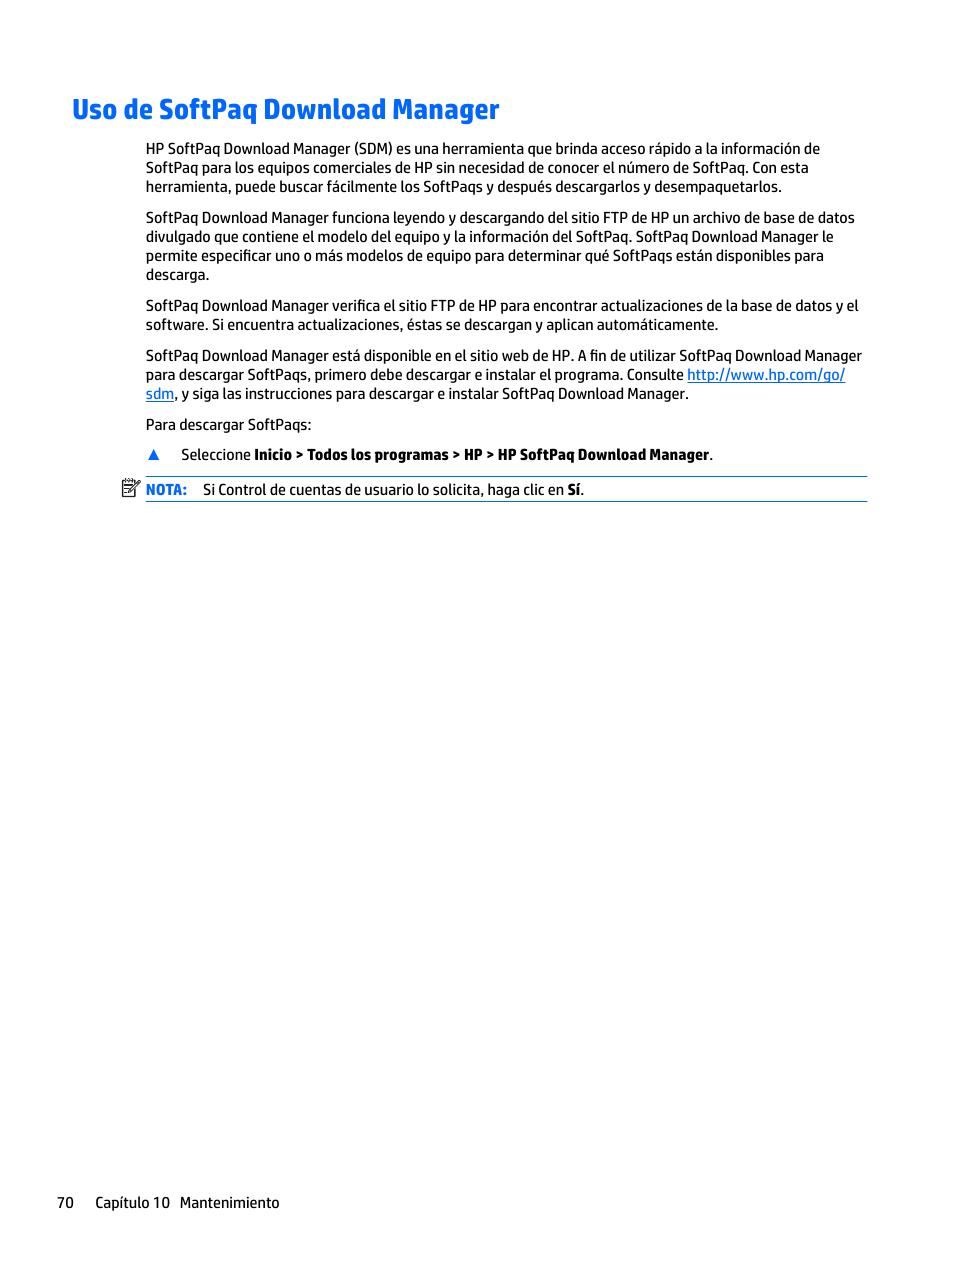 Uso de softpaq download manager | HP EliteBook 840 G3 Manual del